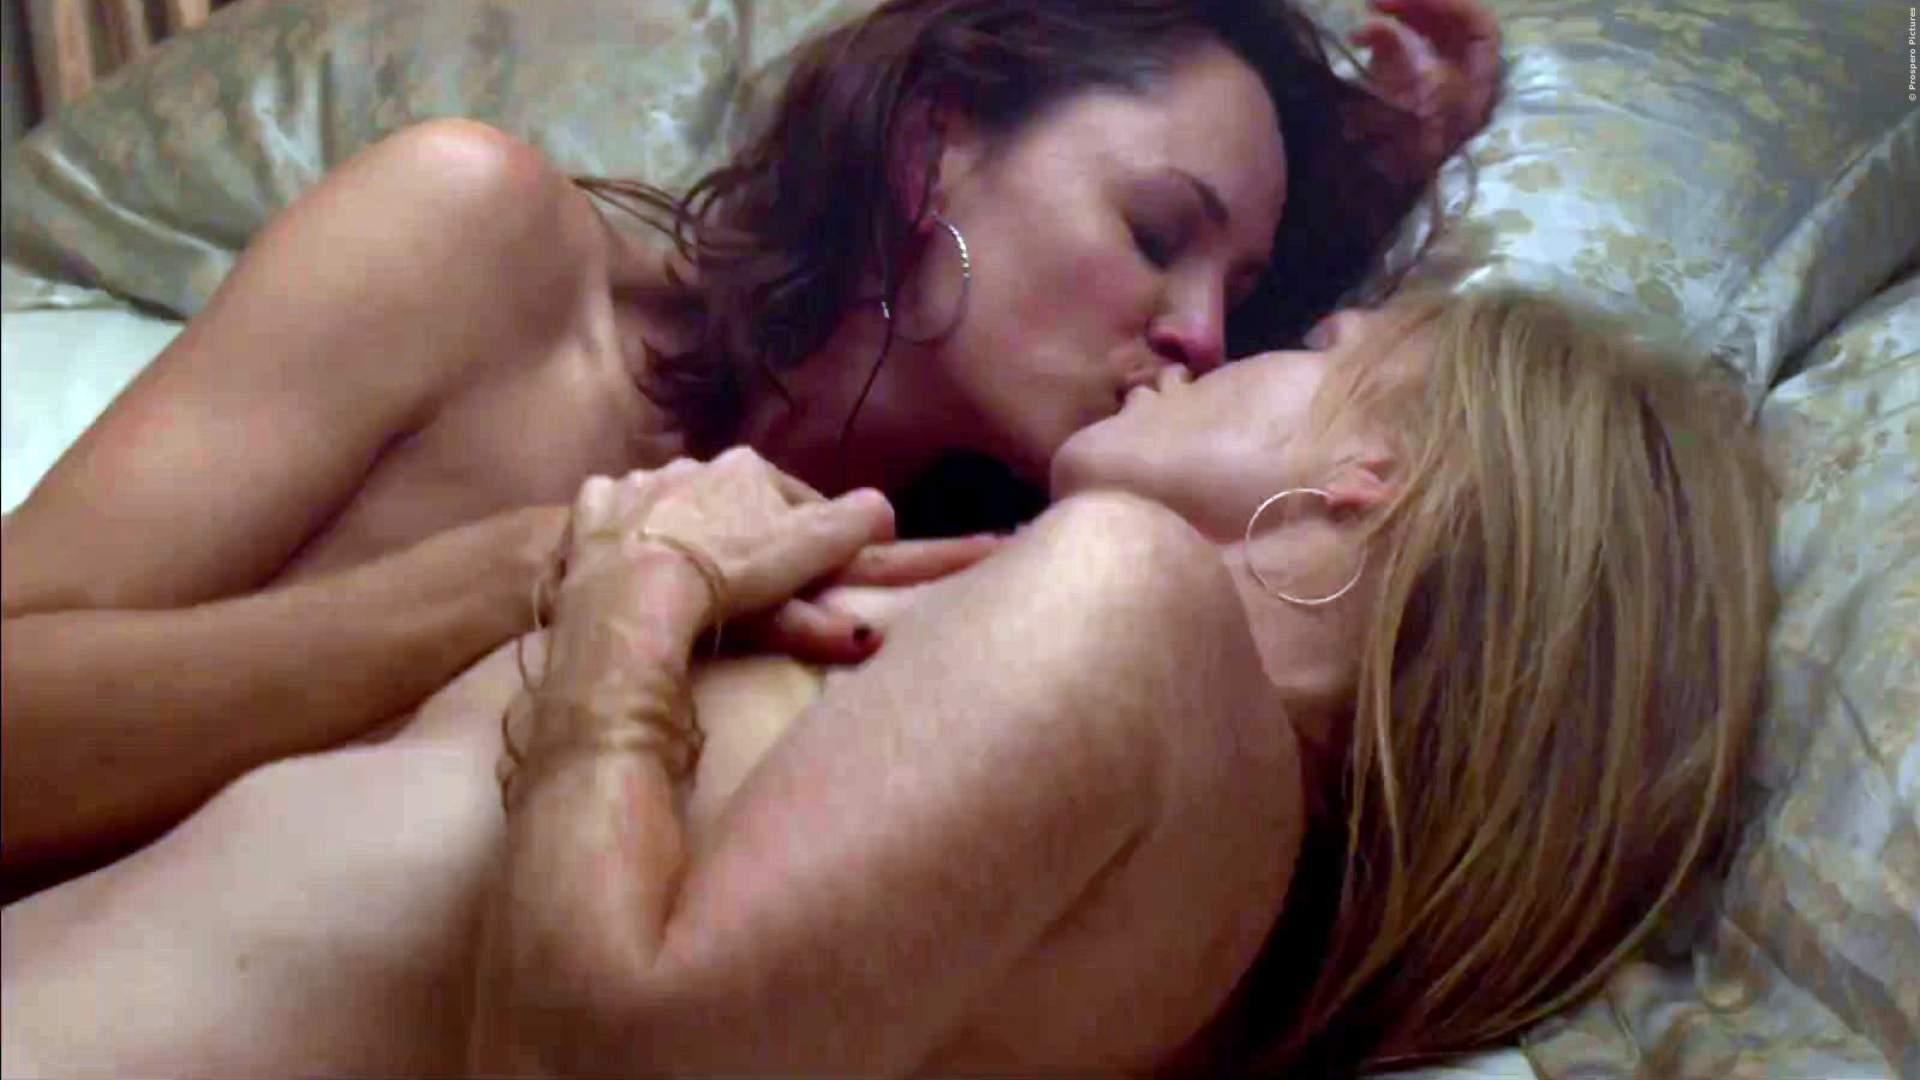 Top 30 Nacktszenen weiblicher Hollywoodstars - Bild 27 von 31